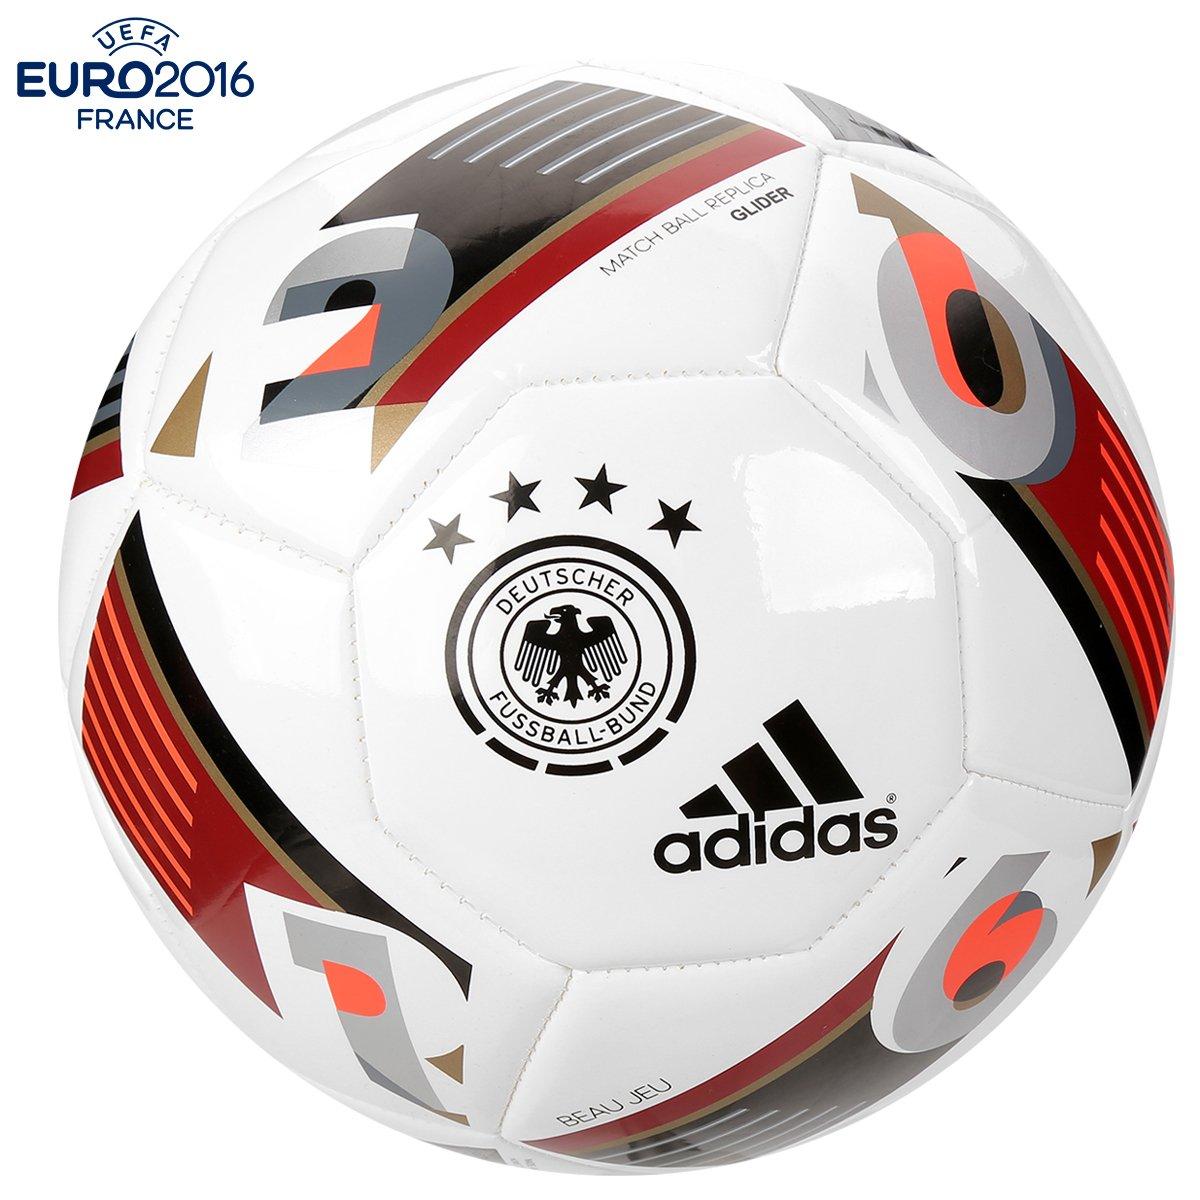 Bola Futebol Adidas Euro 2016 Alemanha Campo - Compre Agora  bb8354619ab0f